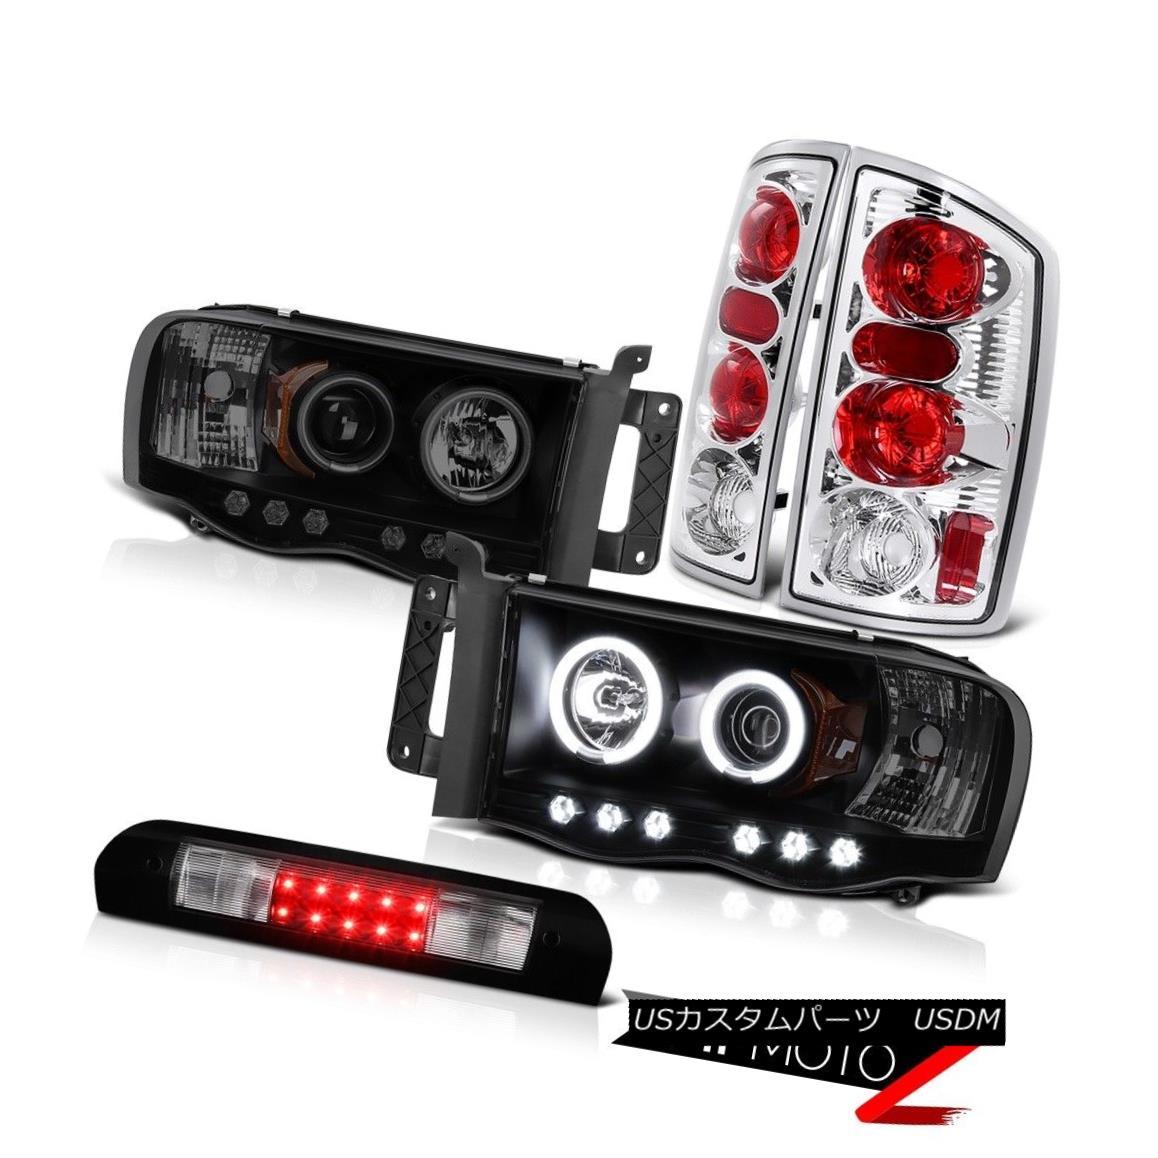 ヘッドライト BRIGHT CCFL Rim Headlight Reverse Brake Lamps High Stop LED Black 02-05 Ram 1500 BRIGHT CCFLリムヘッドライトリバースブレーキランプハイストップLEDブラック02-05ラム1500